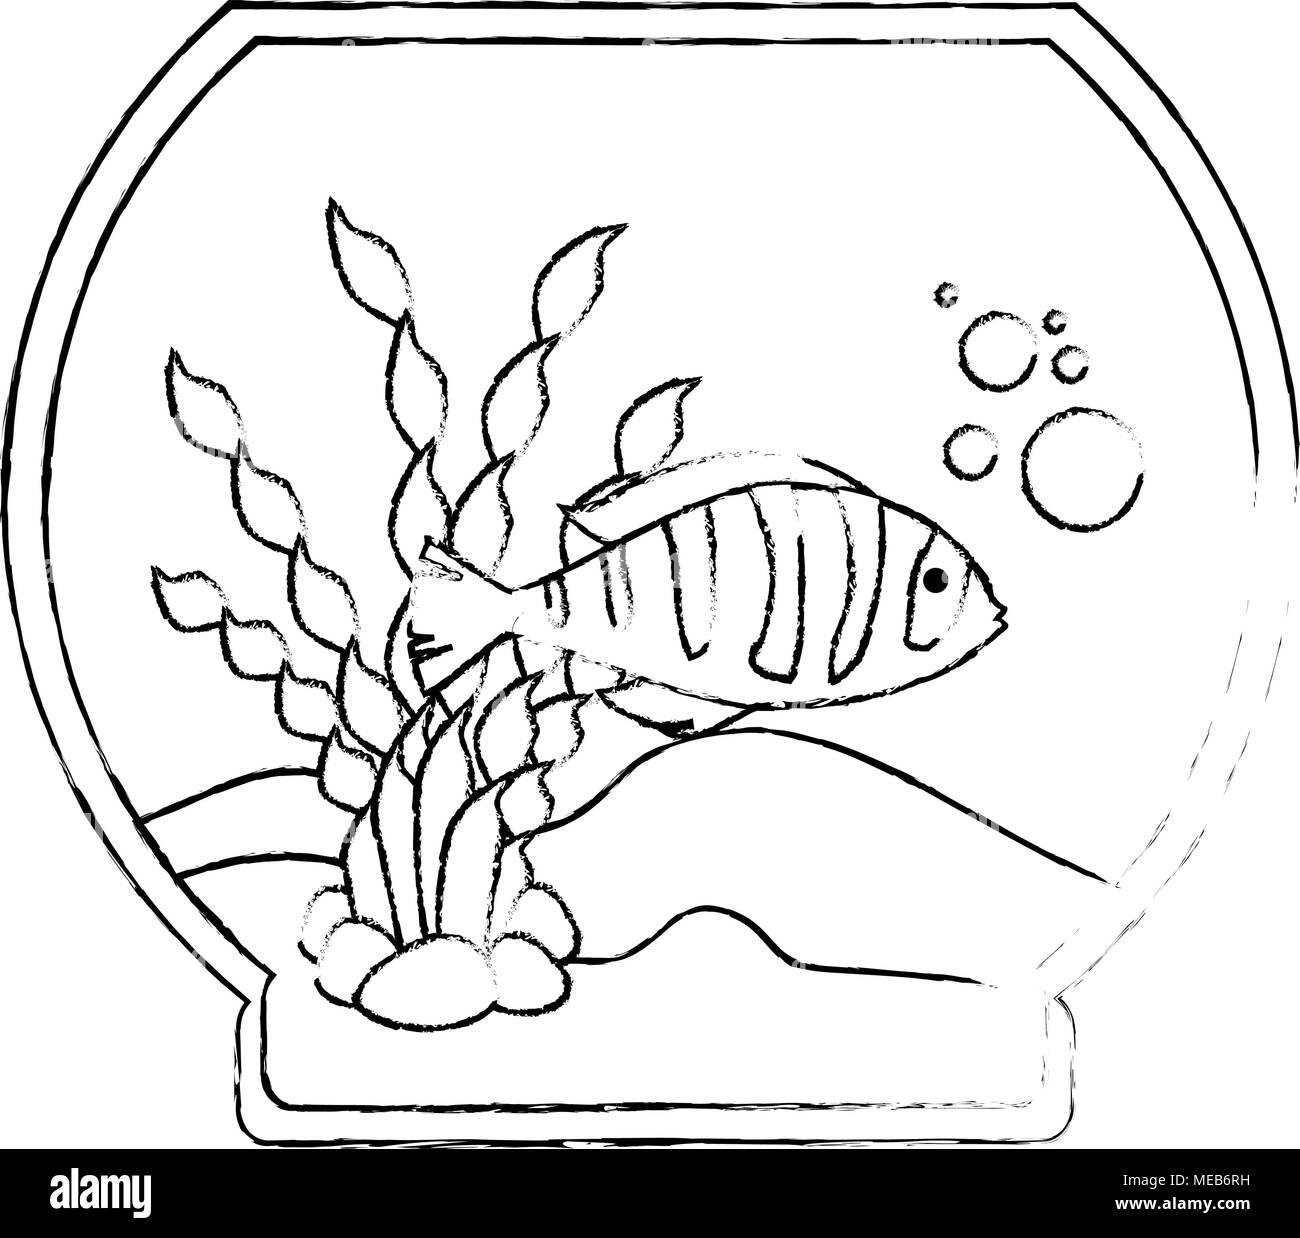 Erfreut Fliegende Fische Anatomie Galerie - Anatomie Ideen - finotti ...